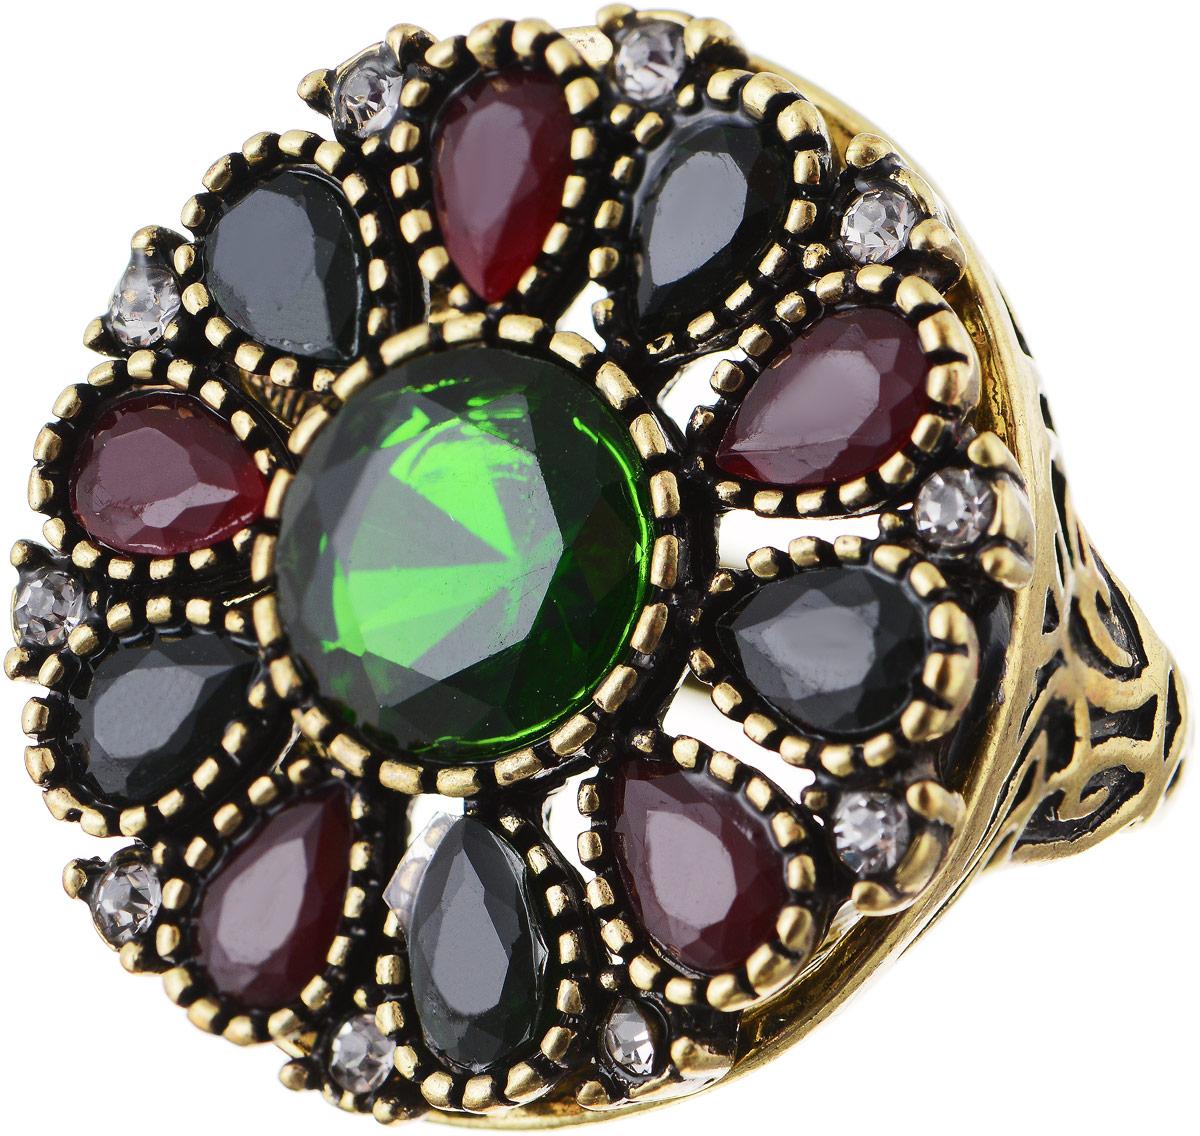 Кольцо Bradex Аннабель, цвет: золотой, зеленый, бордовый. AS 0017. Размер 17AS 0007Кольцо Bradex Аннабель выполнено из металлического сплава. Декоративный элемент выполнен в круглой форме и украшен вставками из искусственных камней и страз.